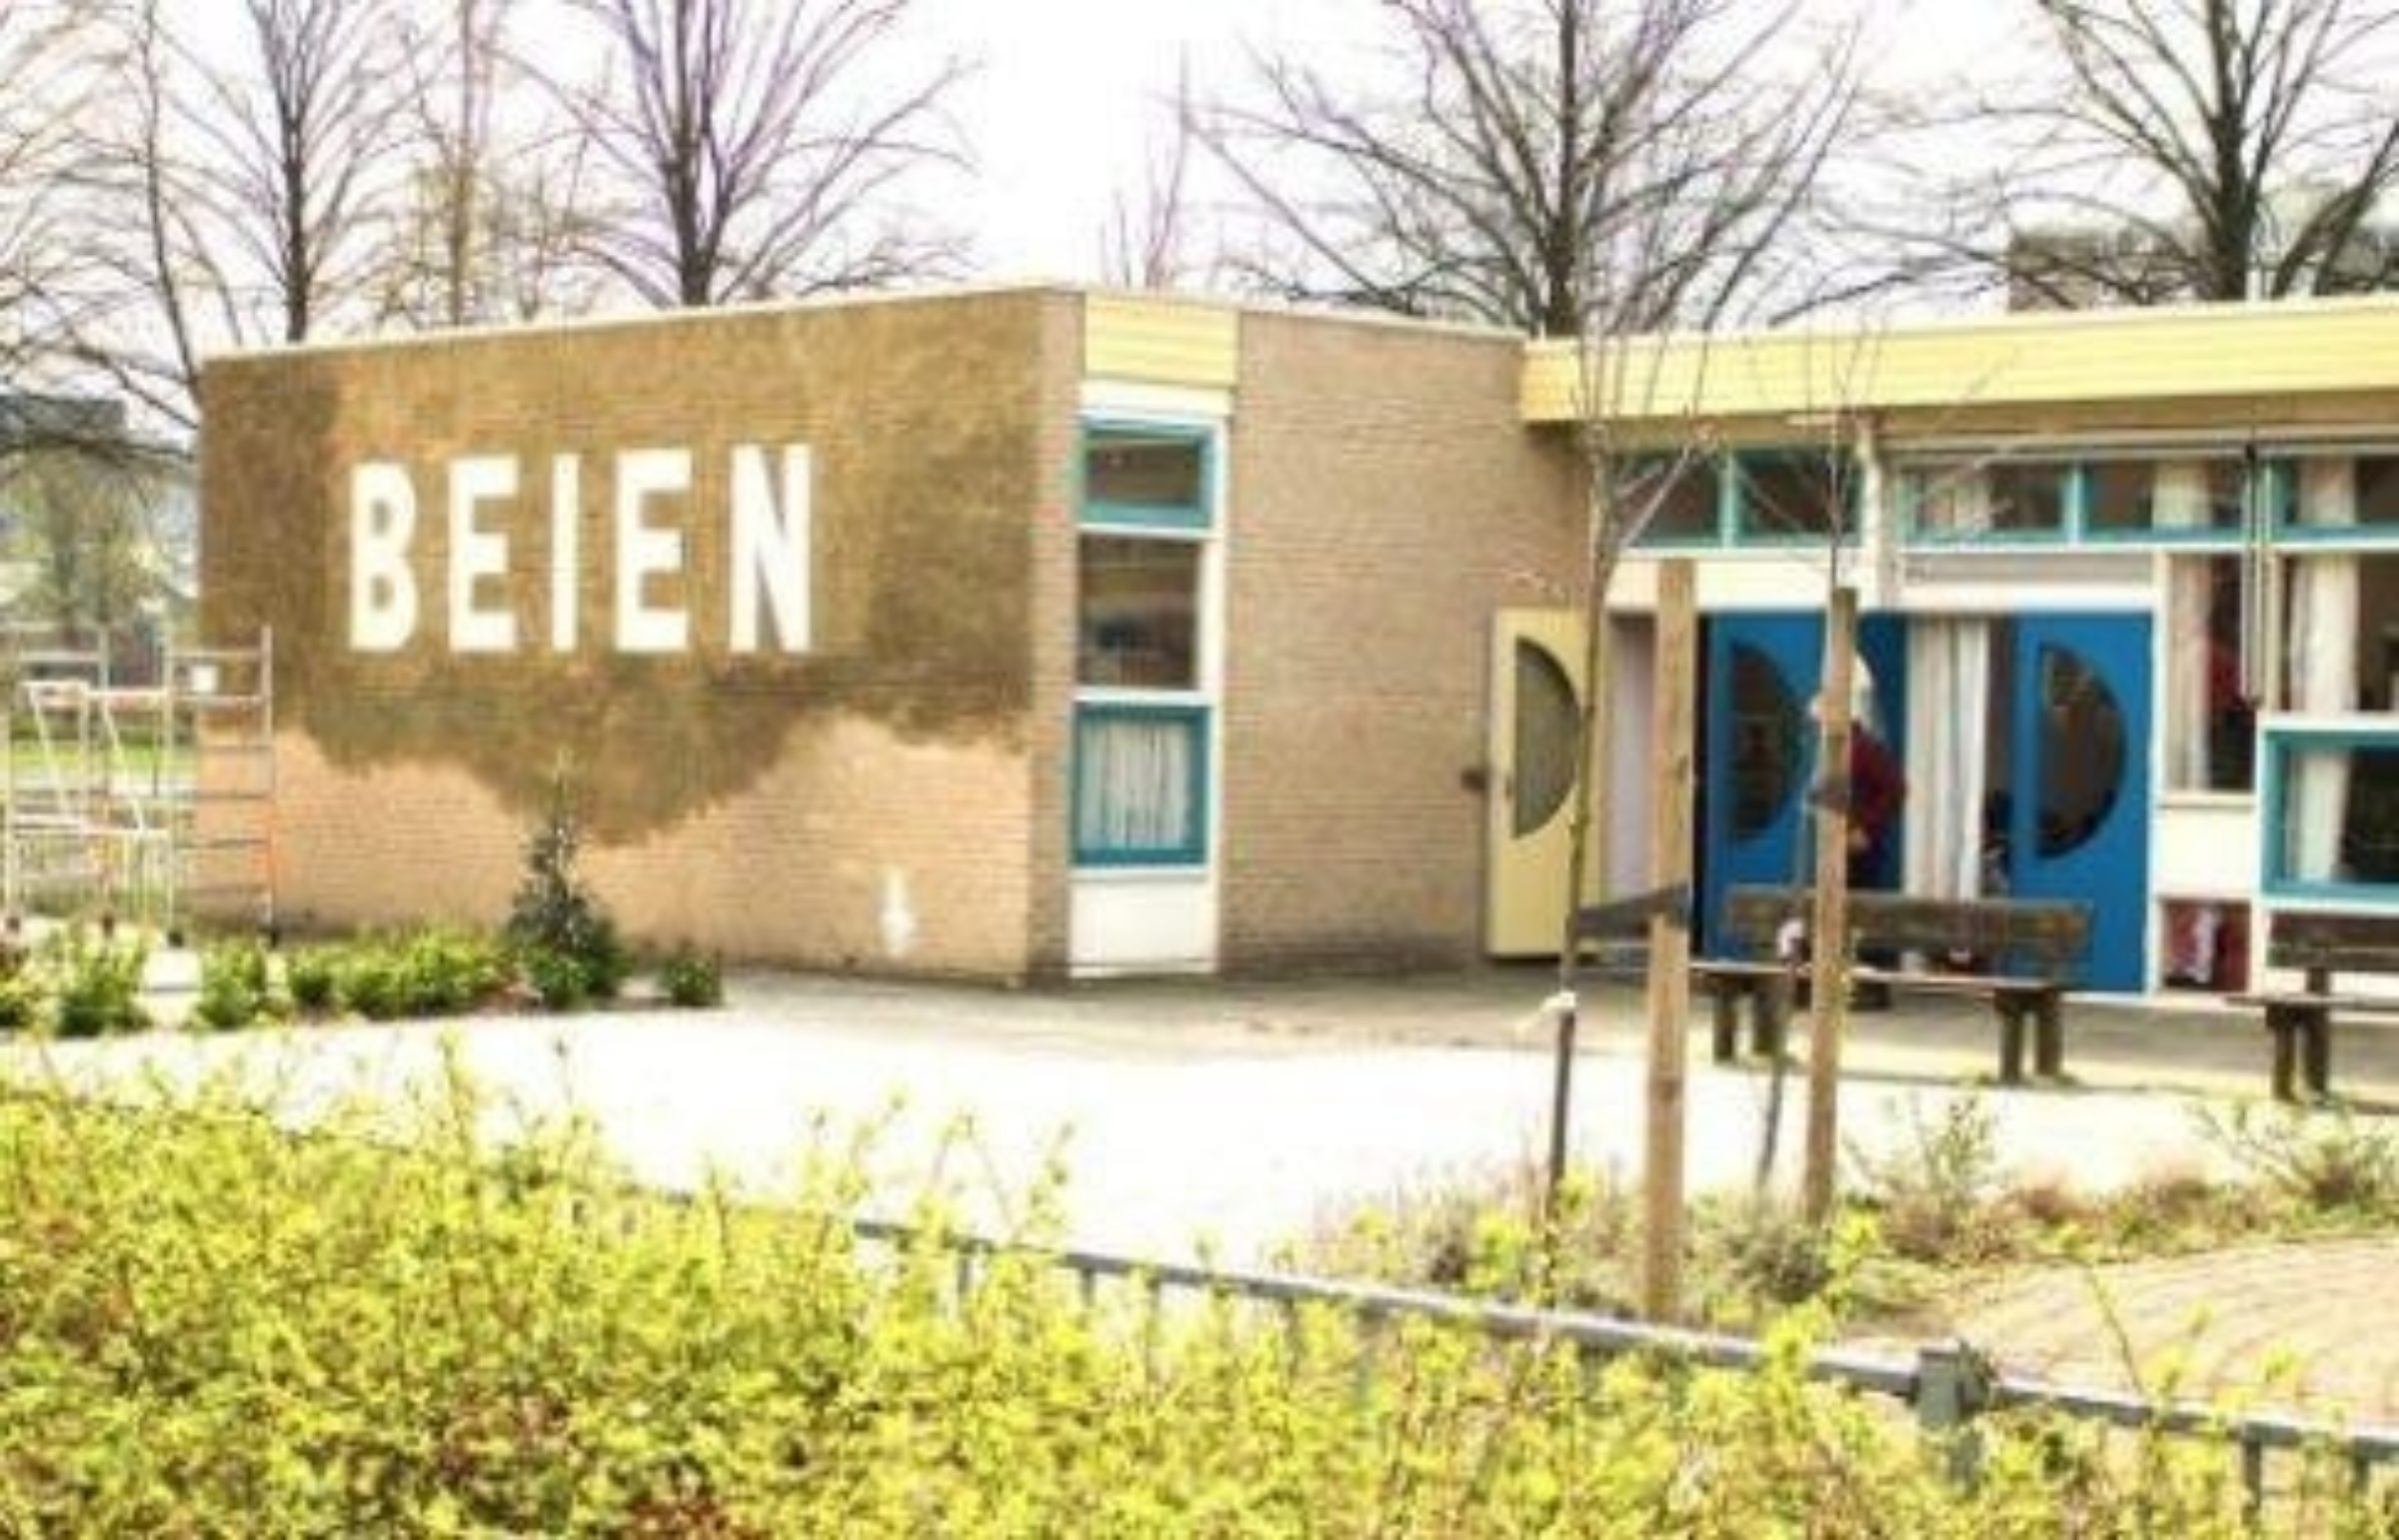 Stichting beien 1756 1542292183 35ht694pbk